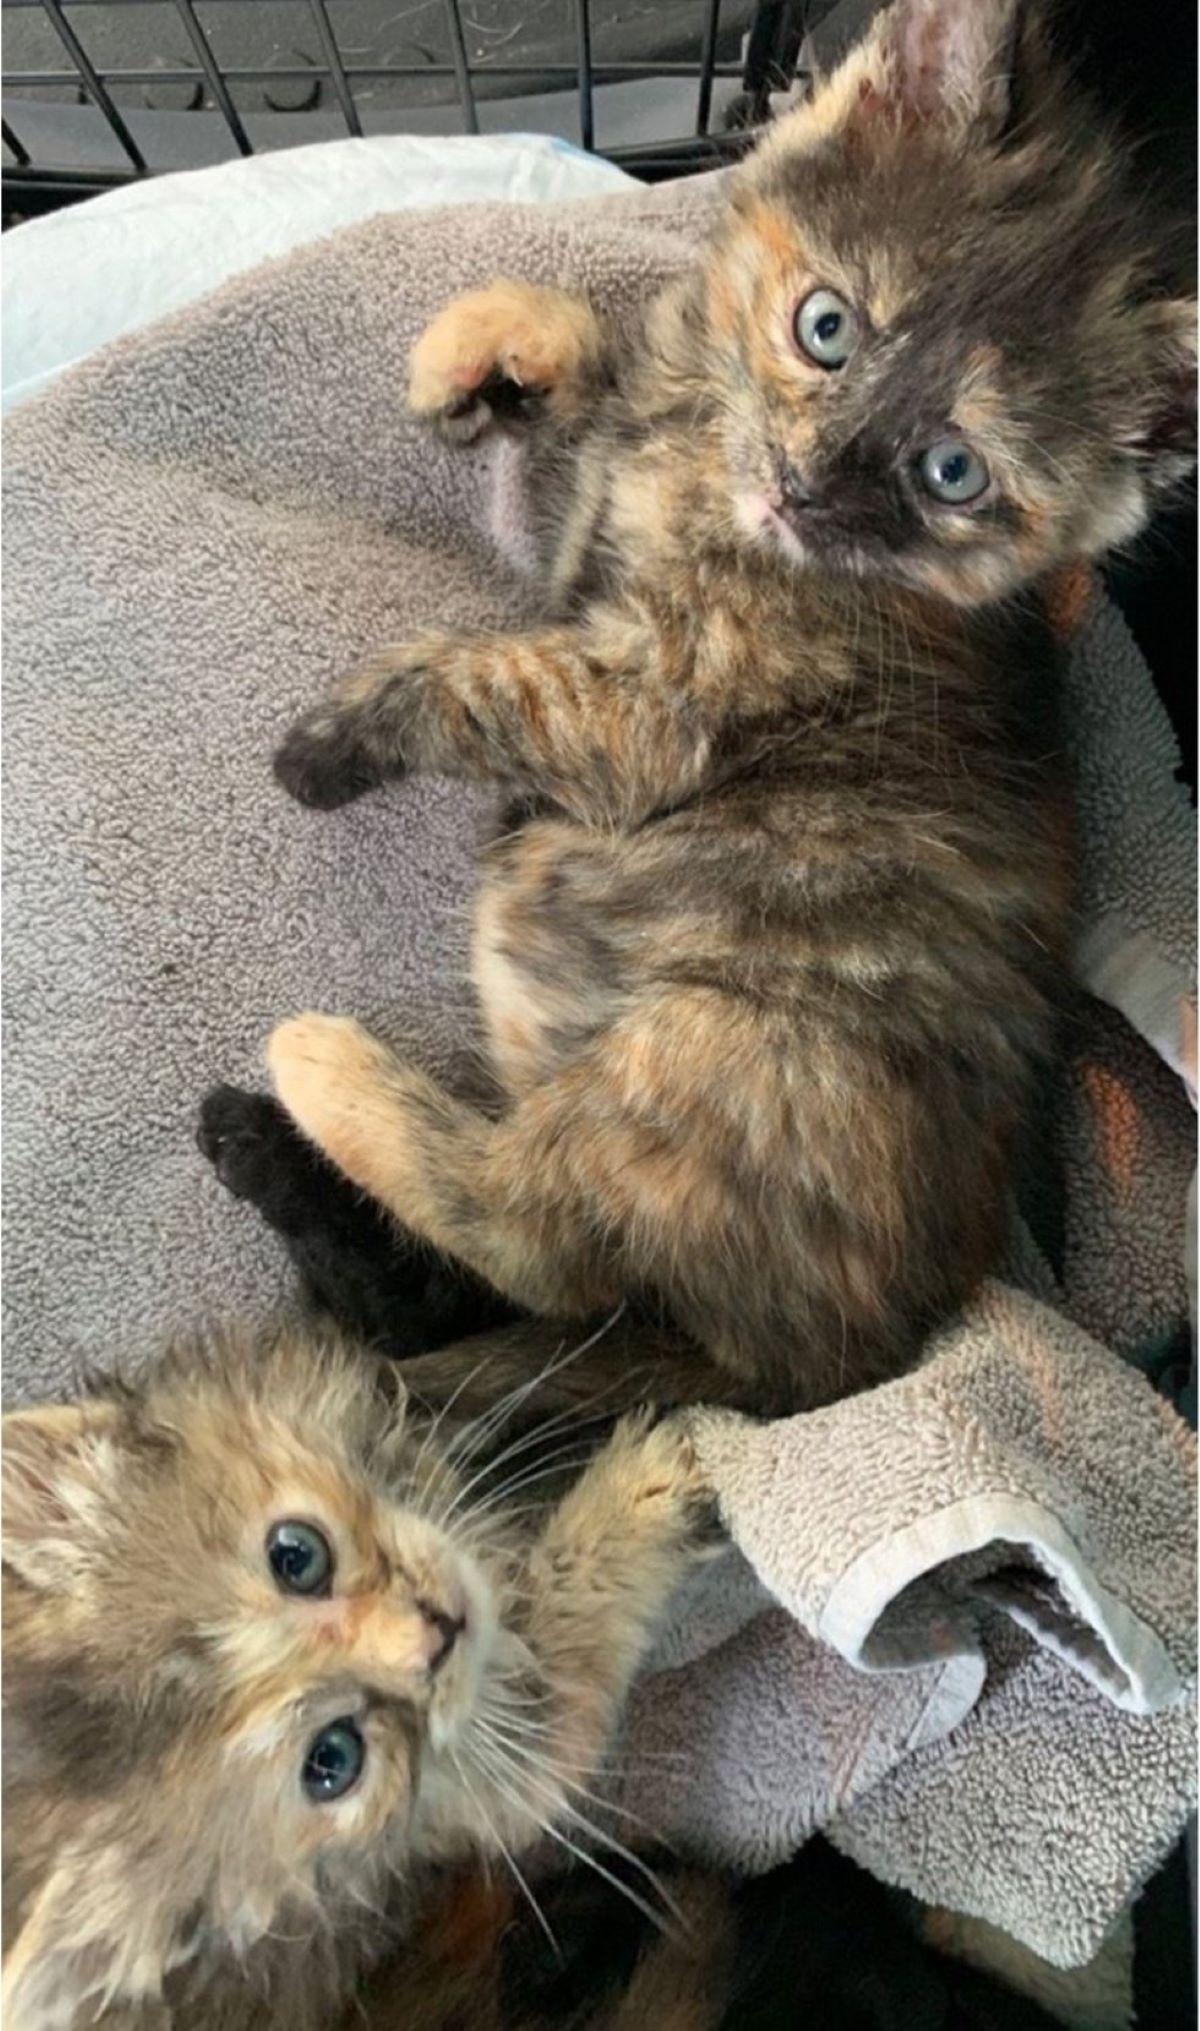 due-gattini-con-occhi-svegli